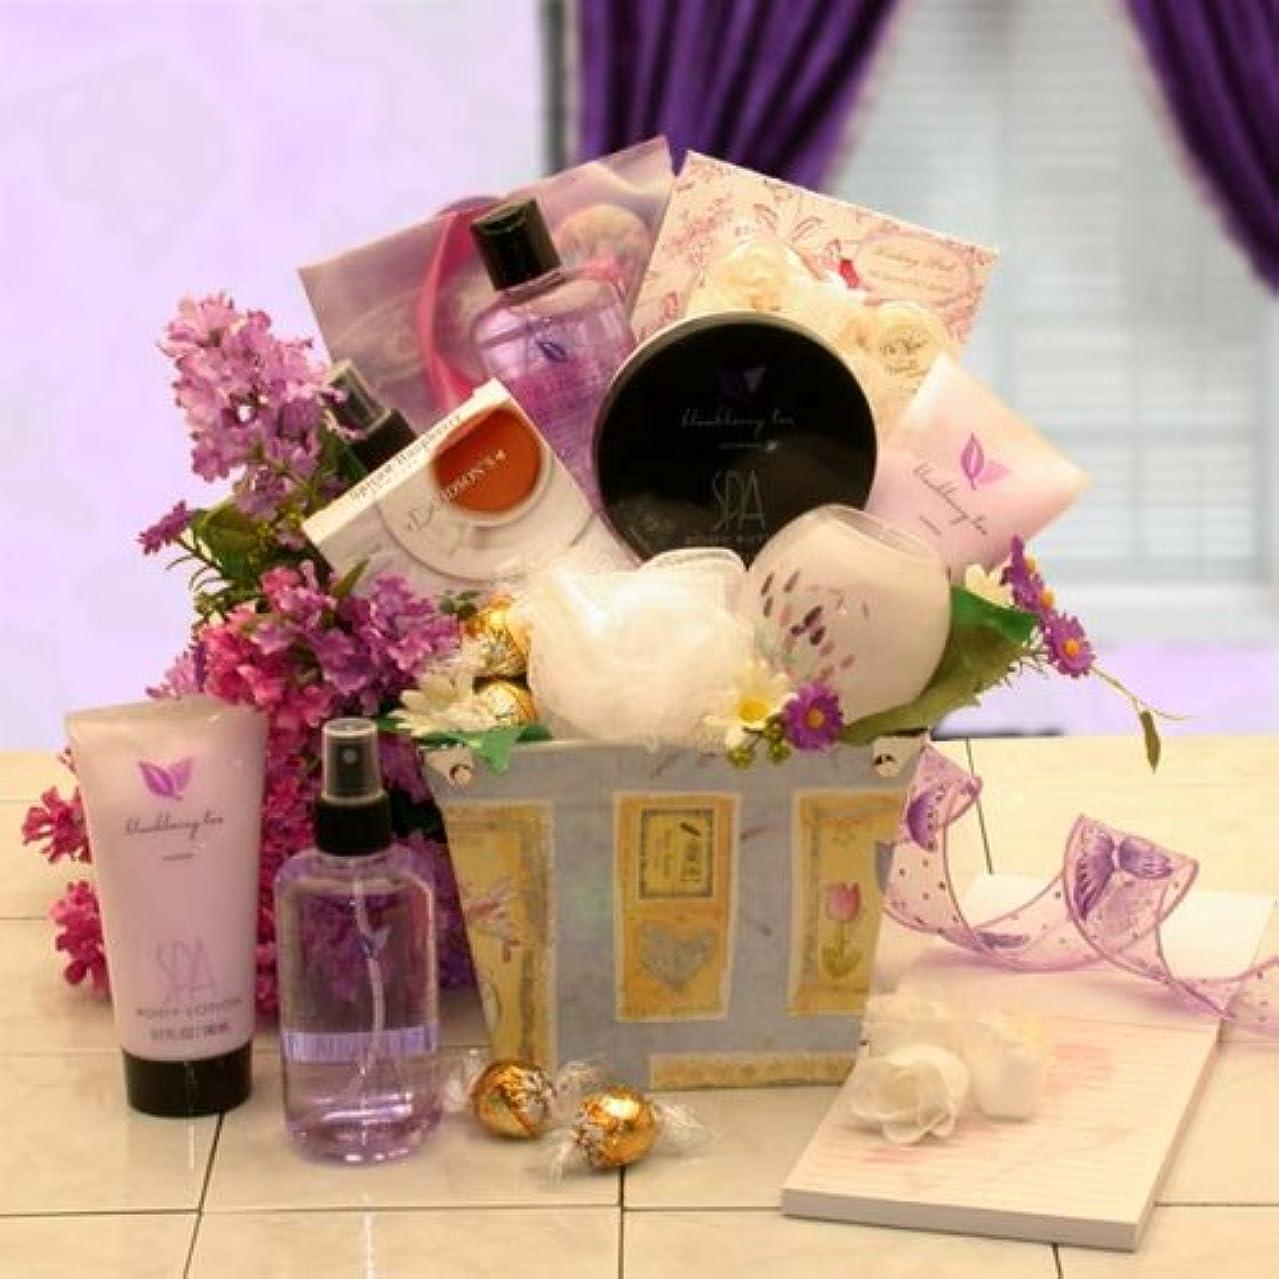 朝食を食べる実際仮説Gift Basket 8412572 The Healing Spa Gift Assortment - Medium